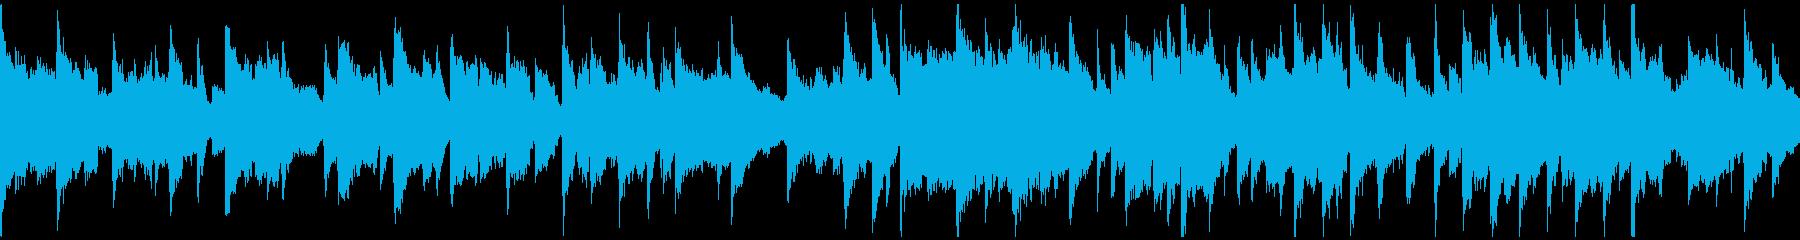 安らぐ音色の穏やかヒーリング ※ループ版の再生済みの波形